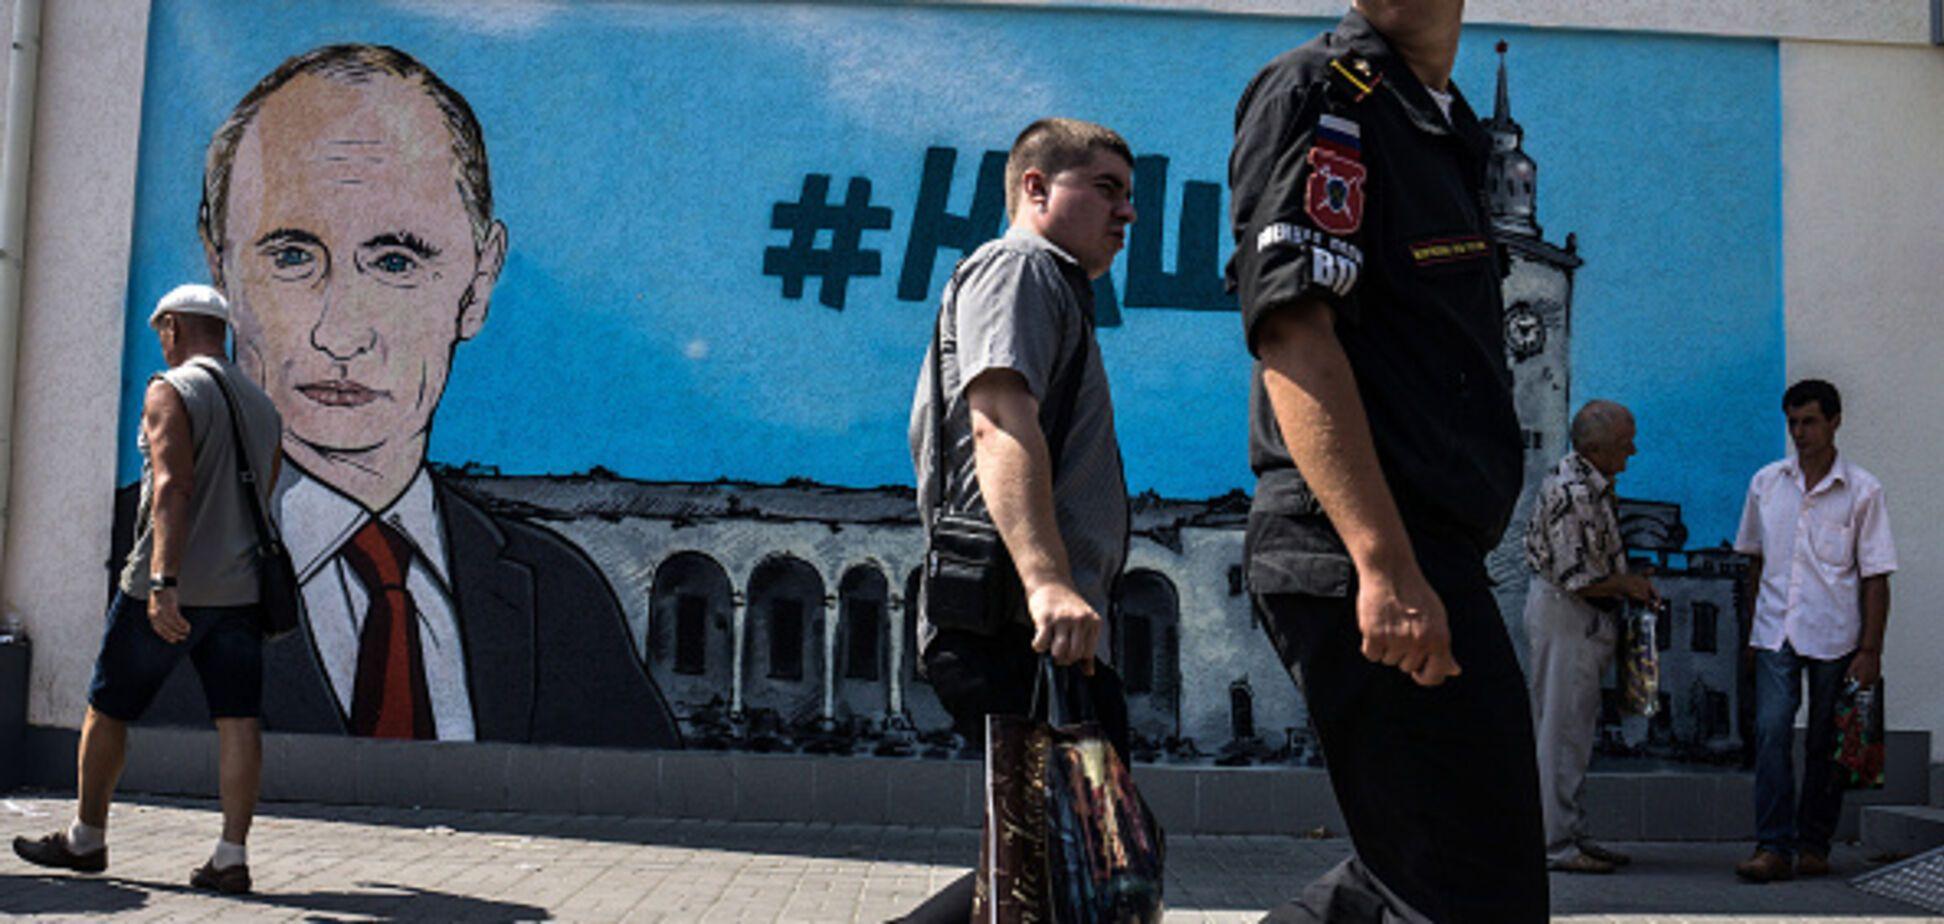 Россия раскритиковала ООН из-за обвинений о нарушении прав человека в Крыму